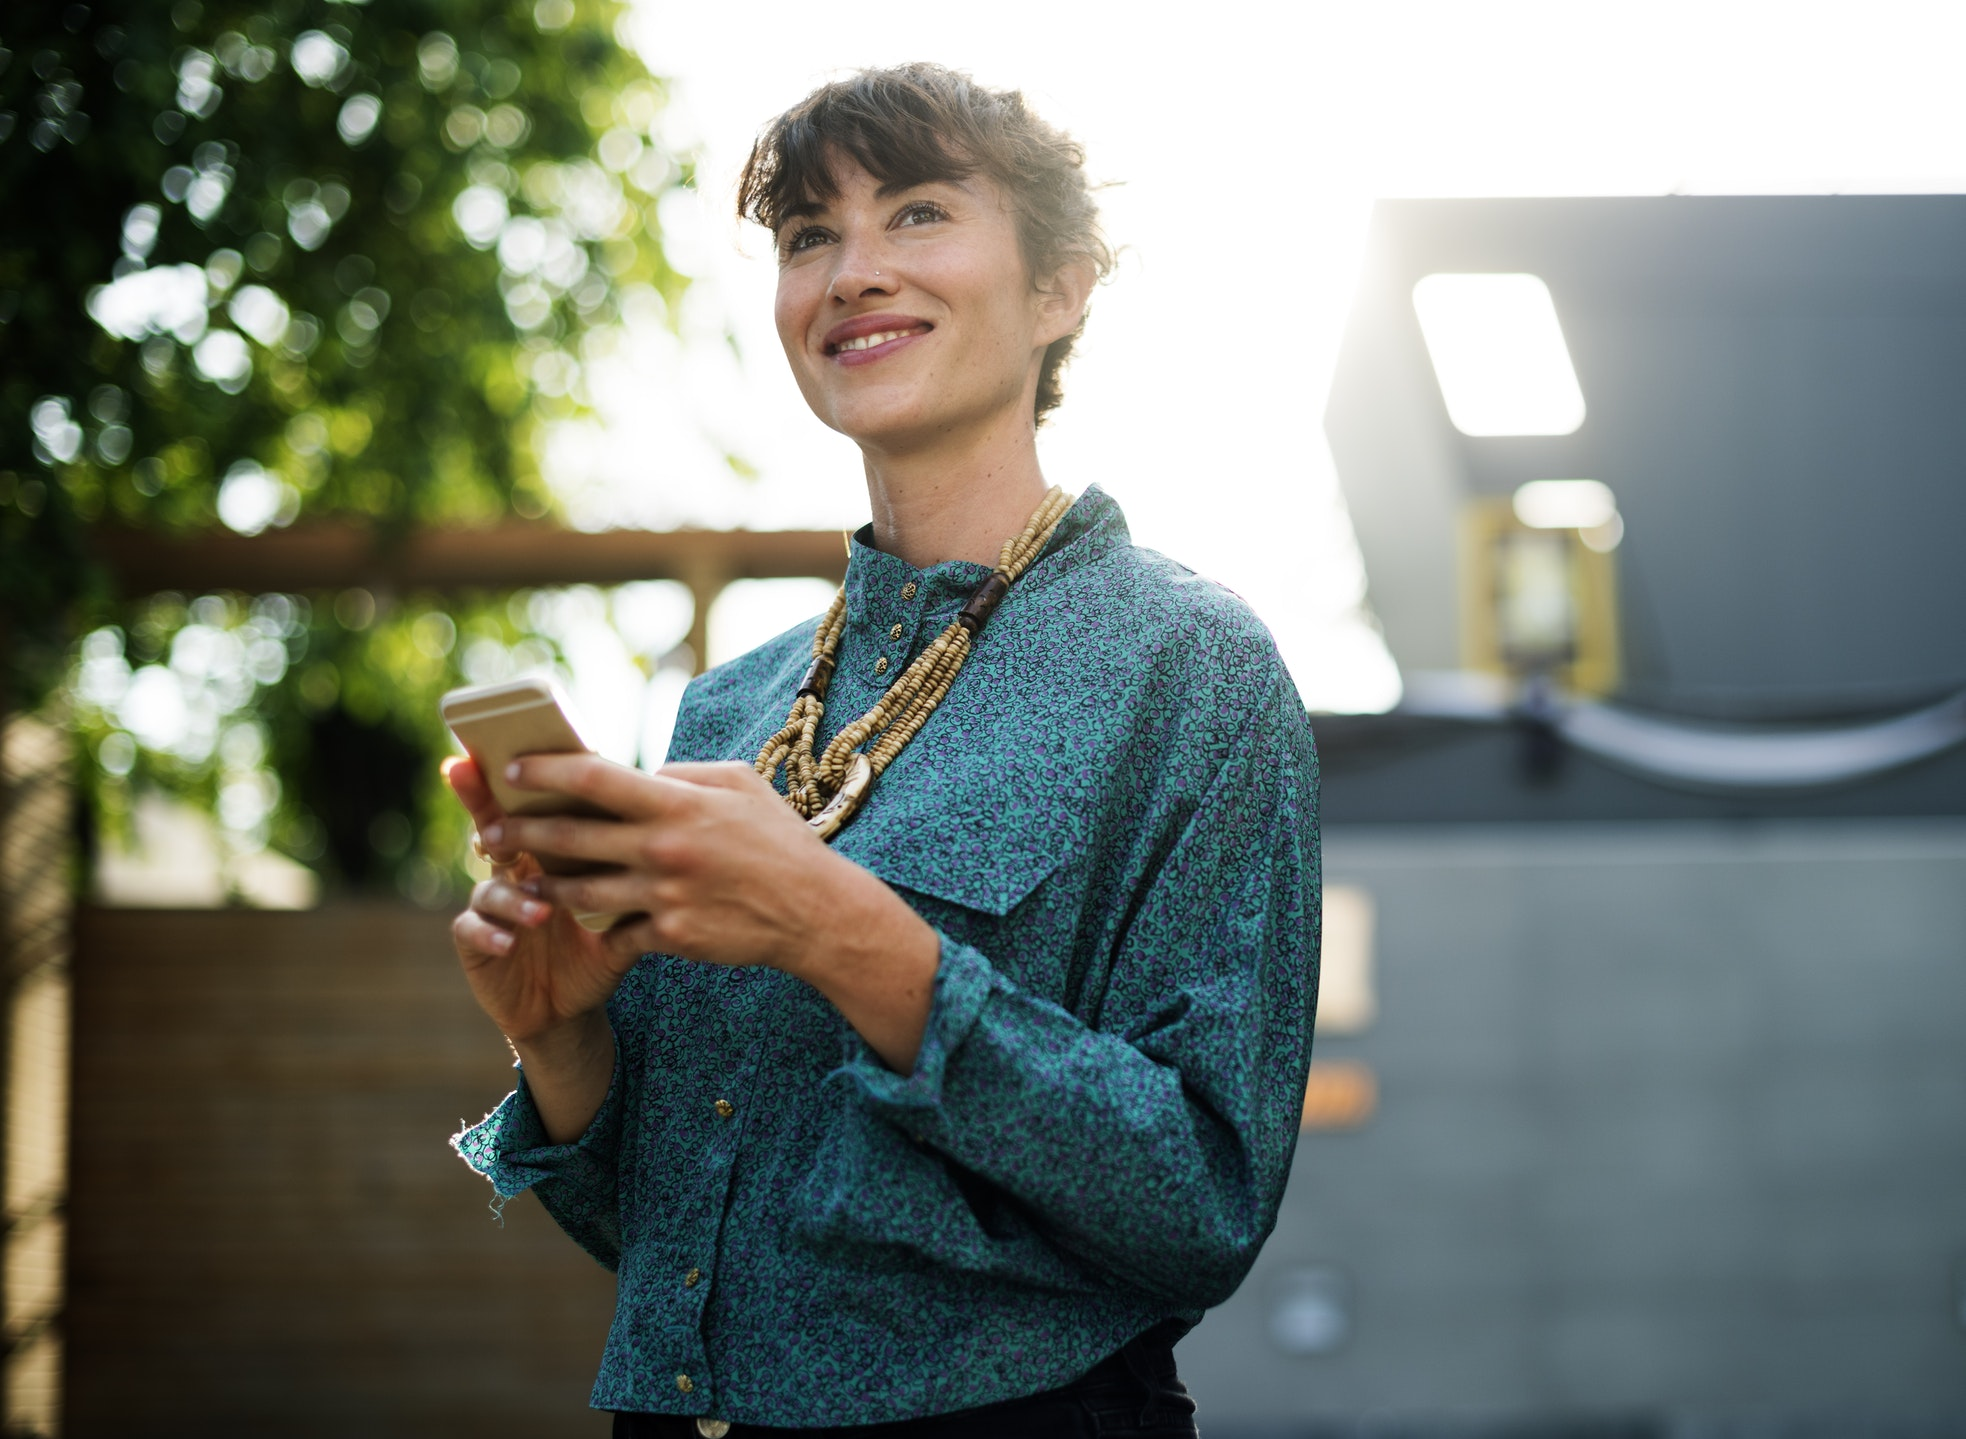 Μήπως είσαι ο επόμενος micro-influencer;